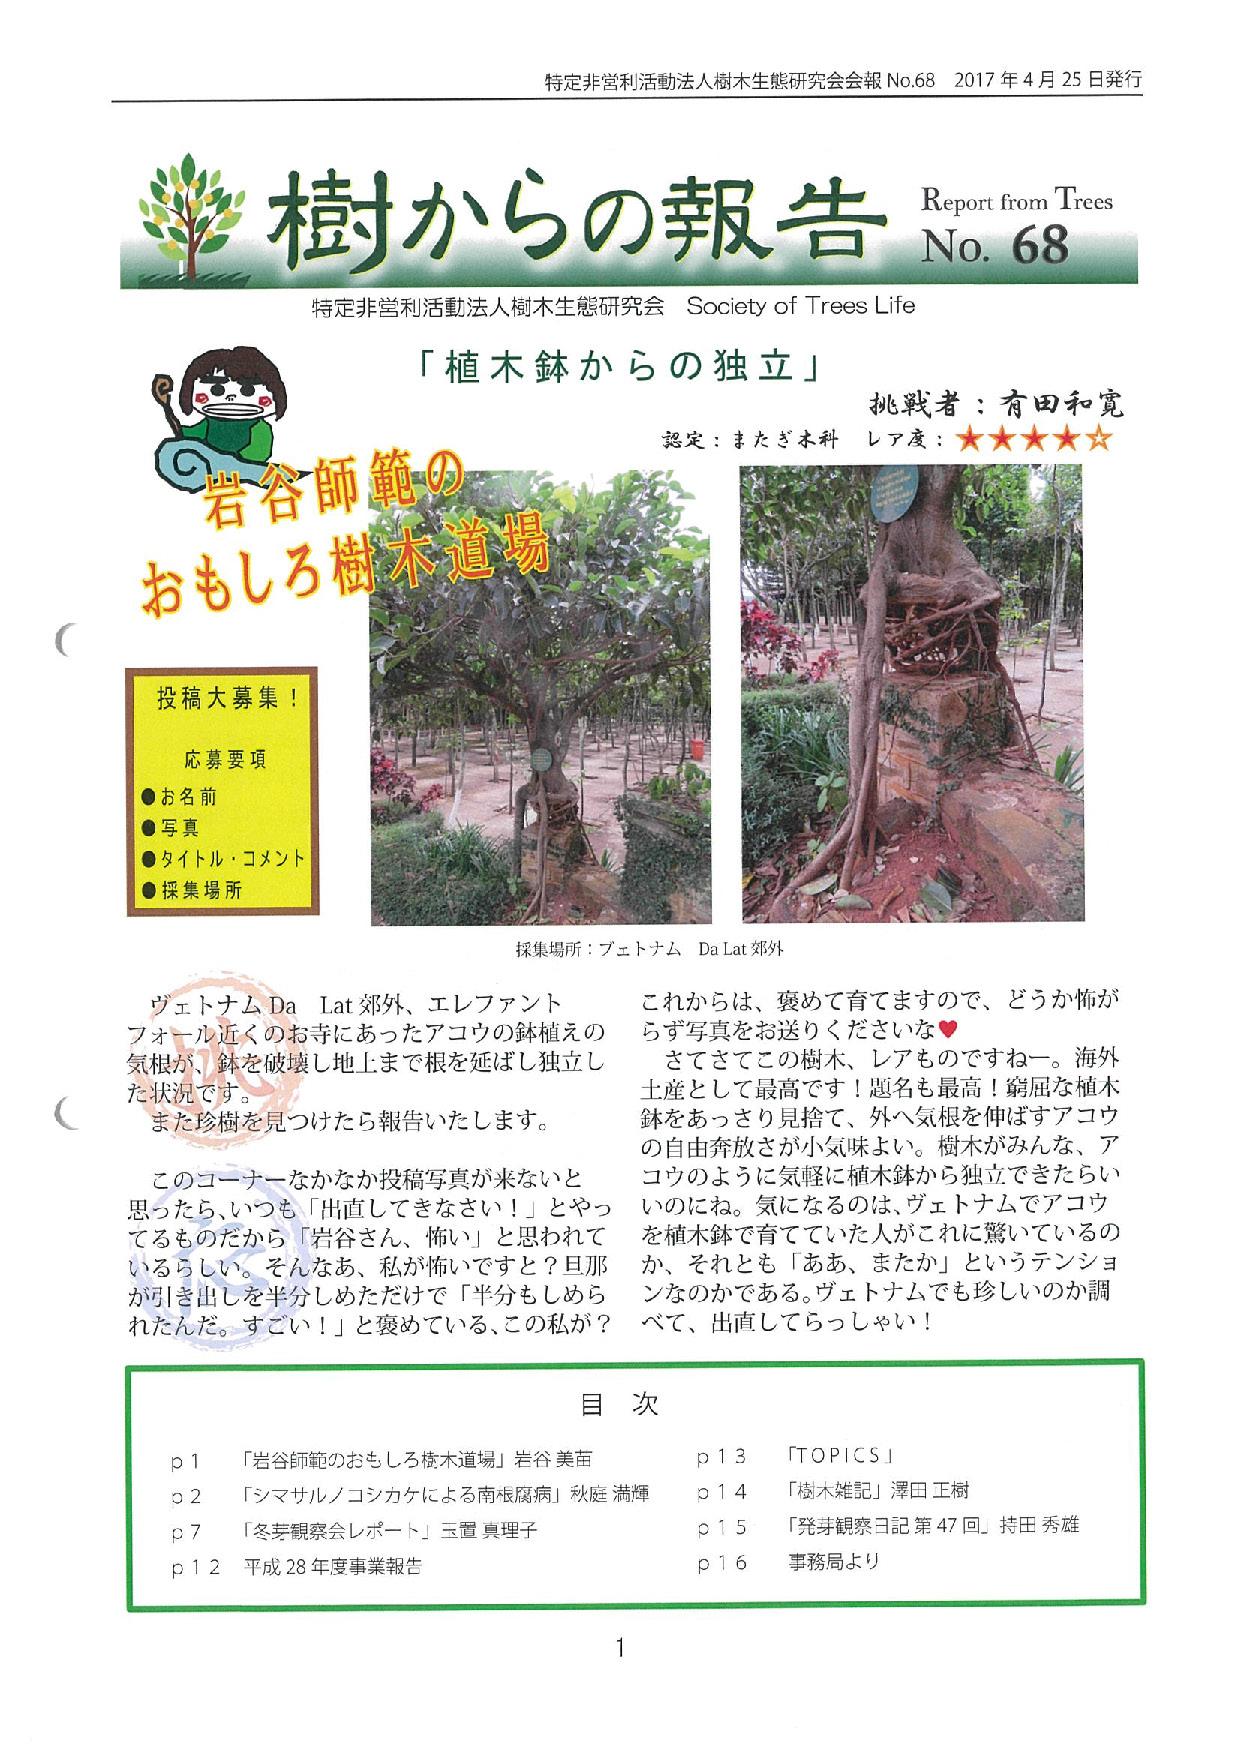 樹からの報告 会報68号